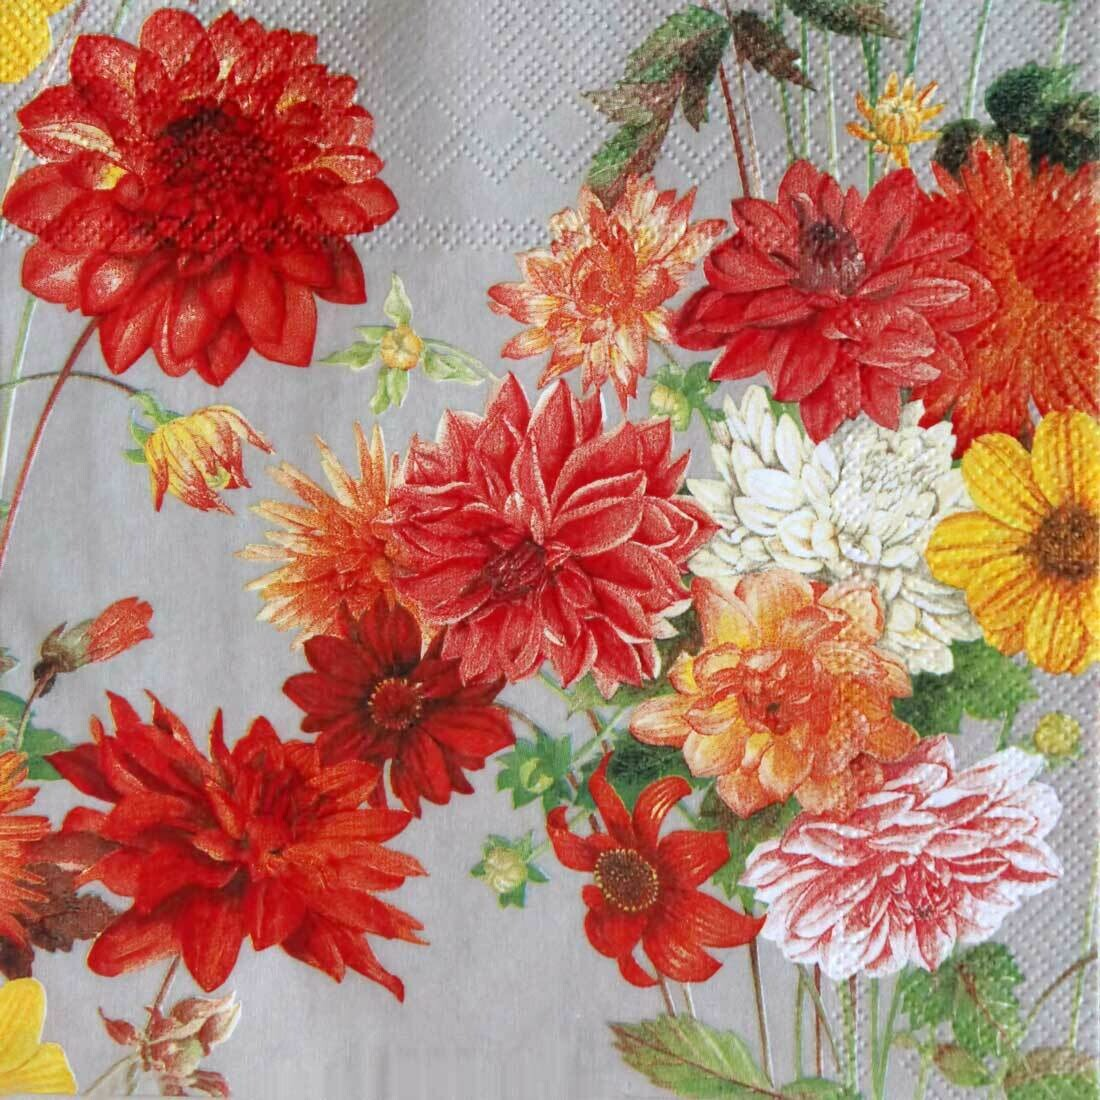 Decoupage Paper Napkins - Floral - Dahlia 13x13 (1 Sheet)